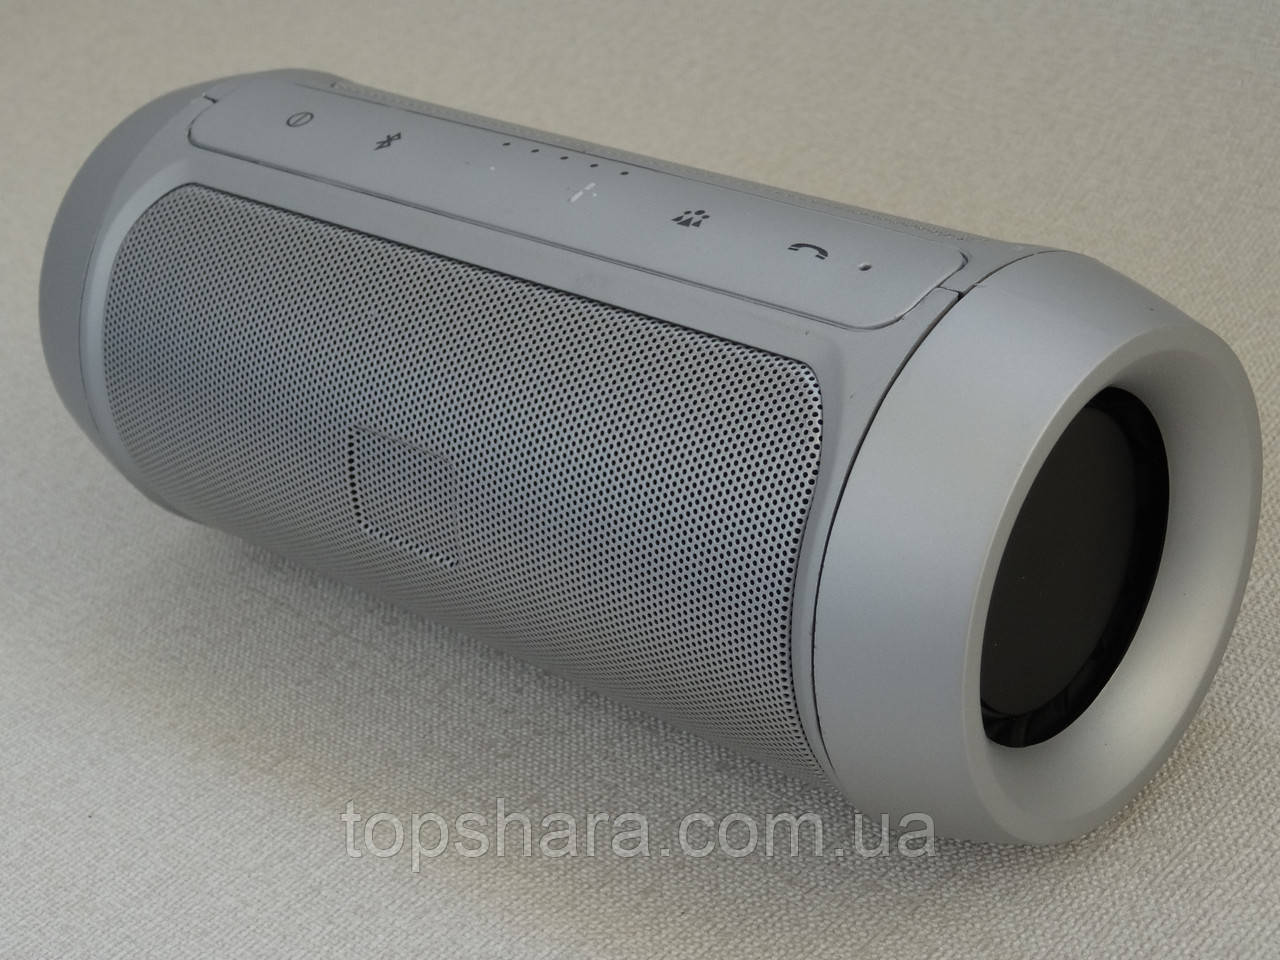 Колонка портативная Bluetooth Charge 2+ влагозащищённый корпус